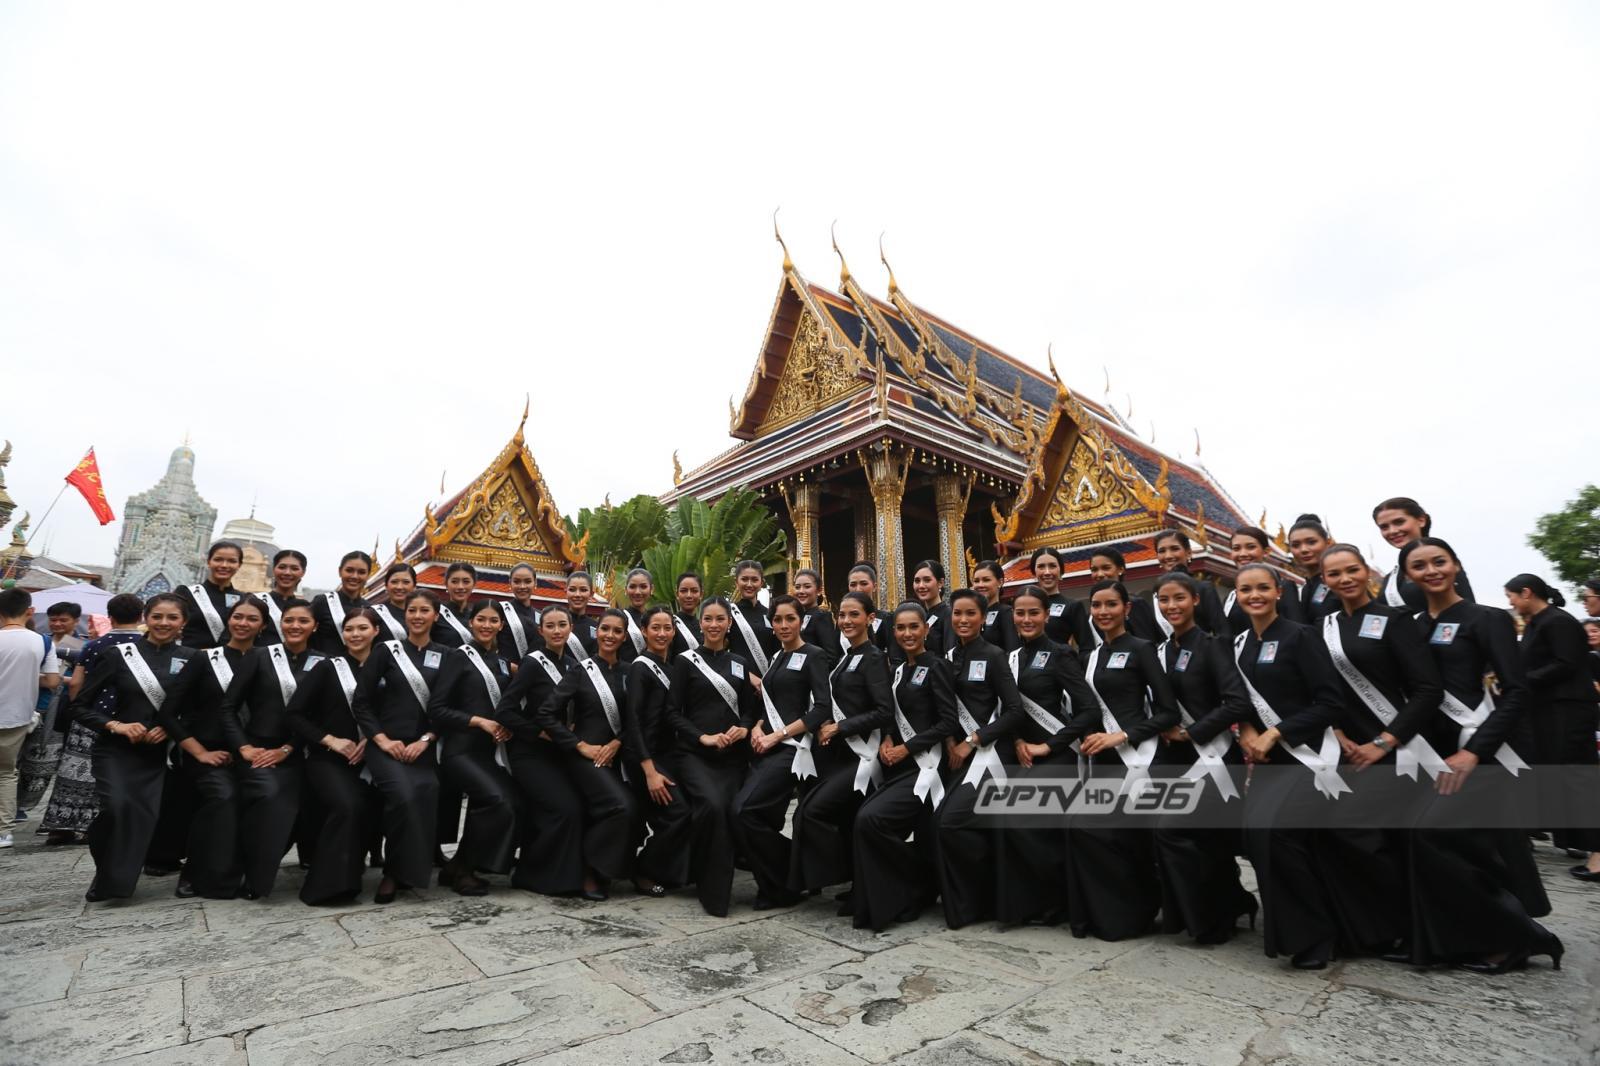 มิสยูนิเวิร์สไทยแลนด์ 2017 เข้ากราบถวายบังคมพระบรมศพ ร.9